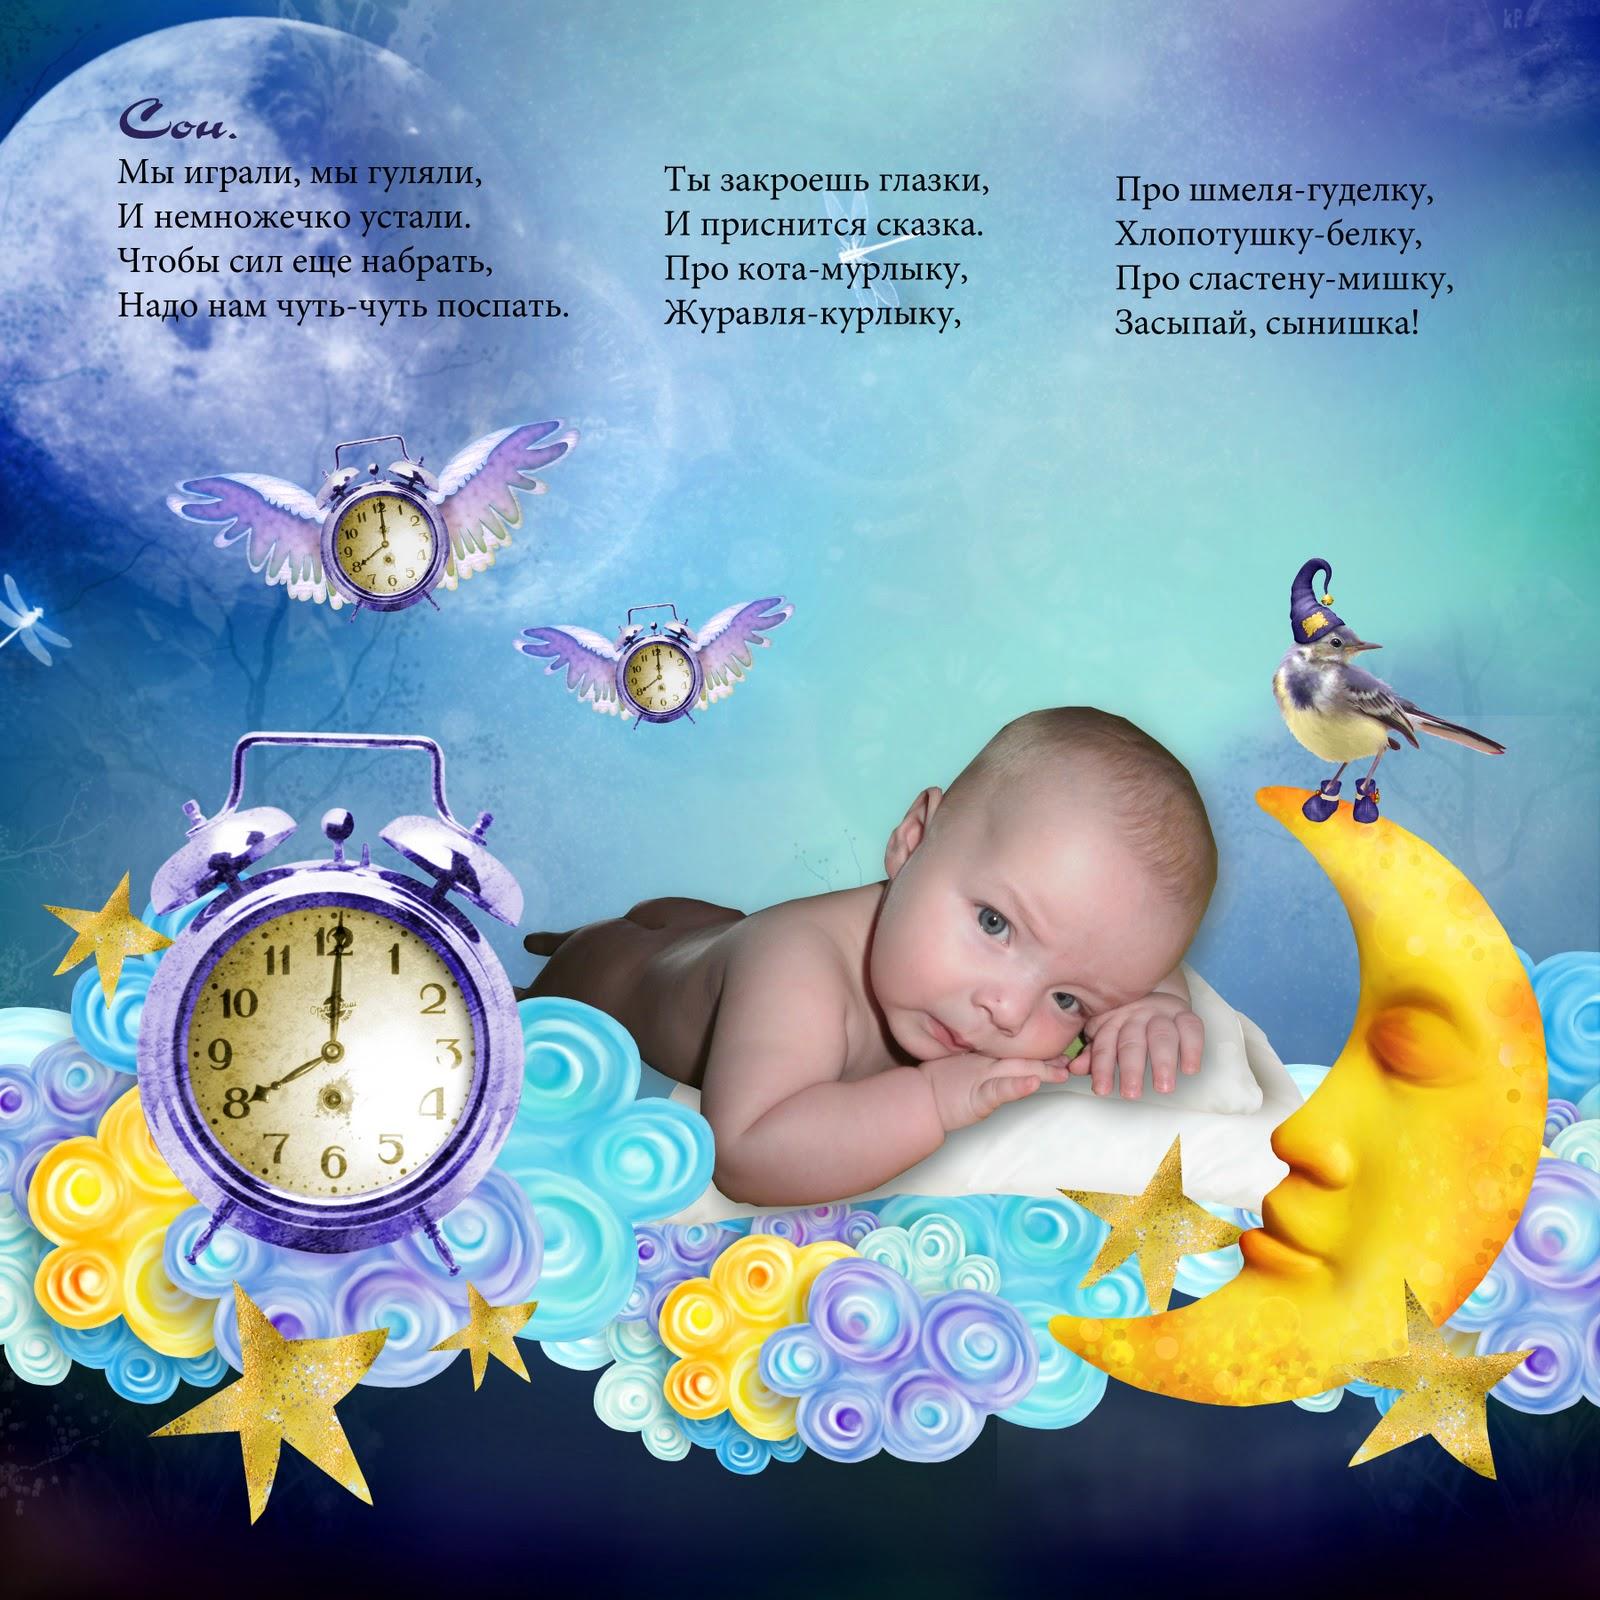 Стихи поздравления на 3 месяца ребенку